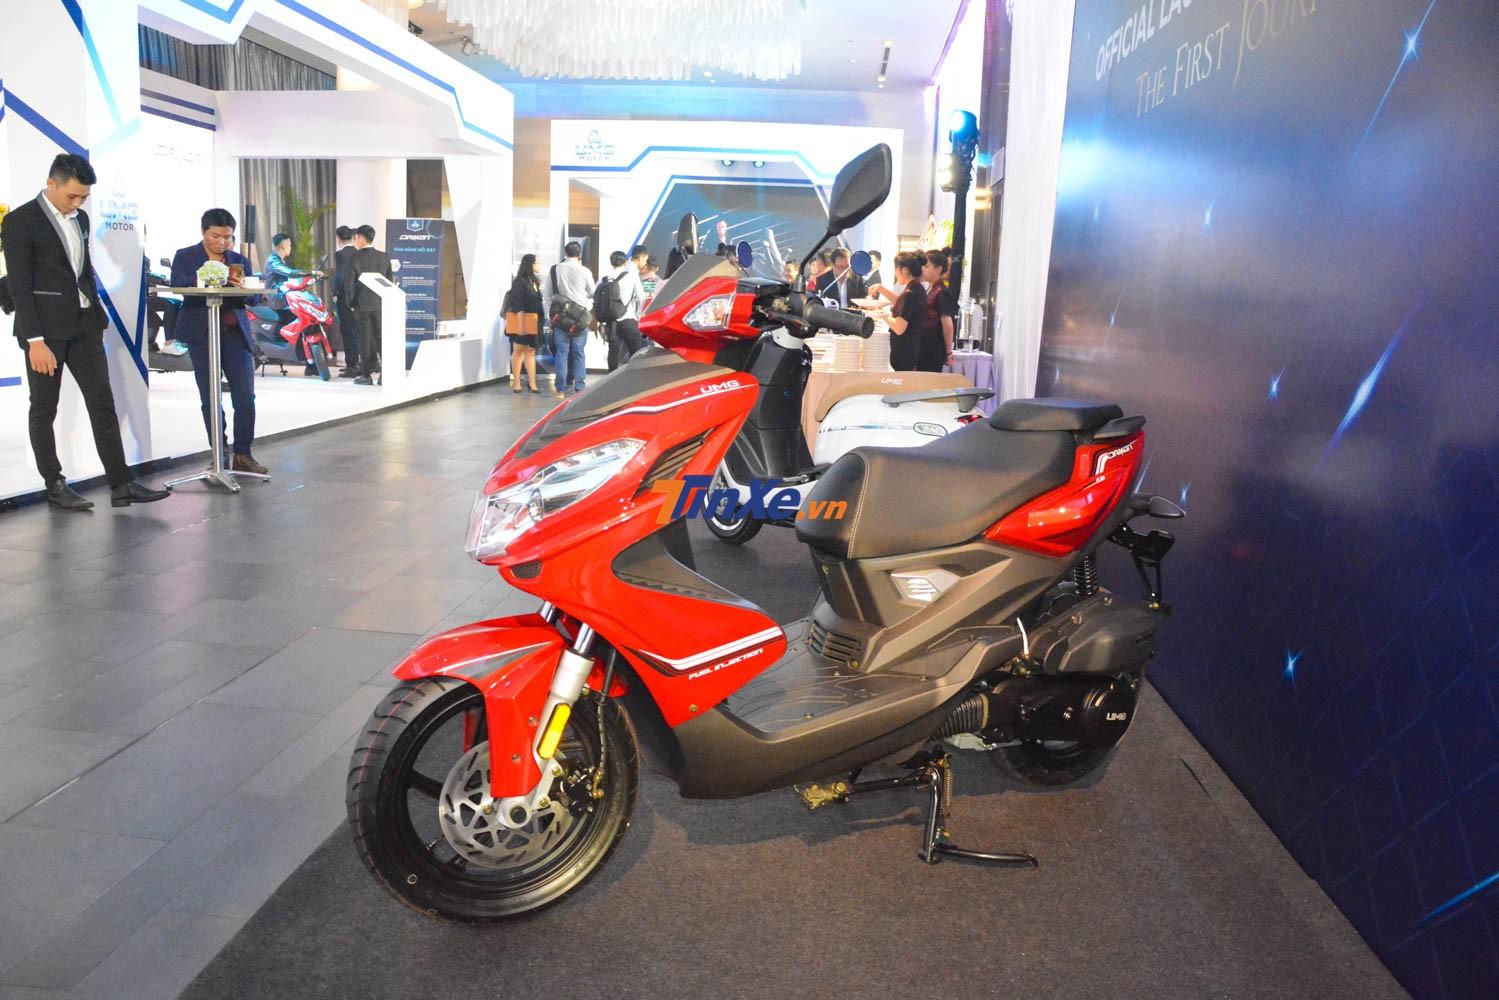 Damon 125cc giá 36,8 triệu đồng